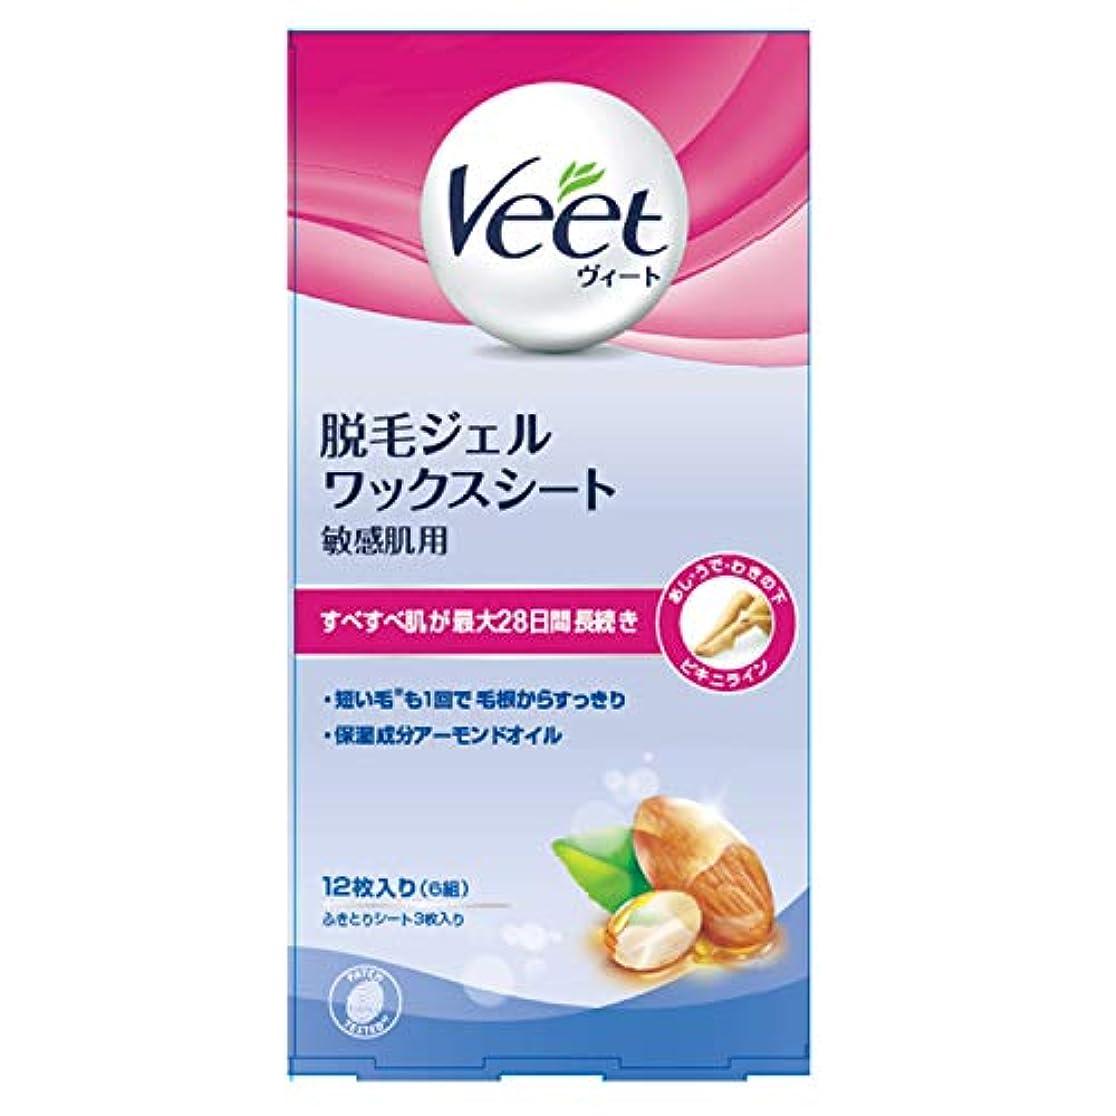 触手監督するマイクロフォンヴィート 脱毛ワックスシート 敏感肌用 (Veet Wax Strips Sensitive)